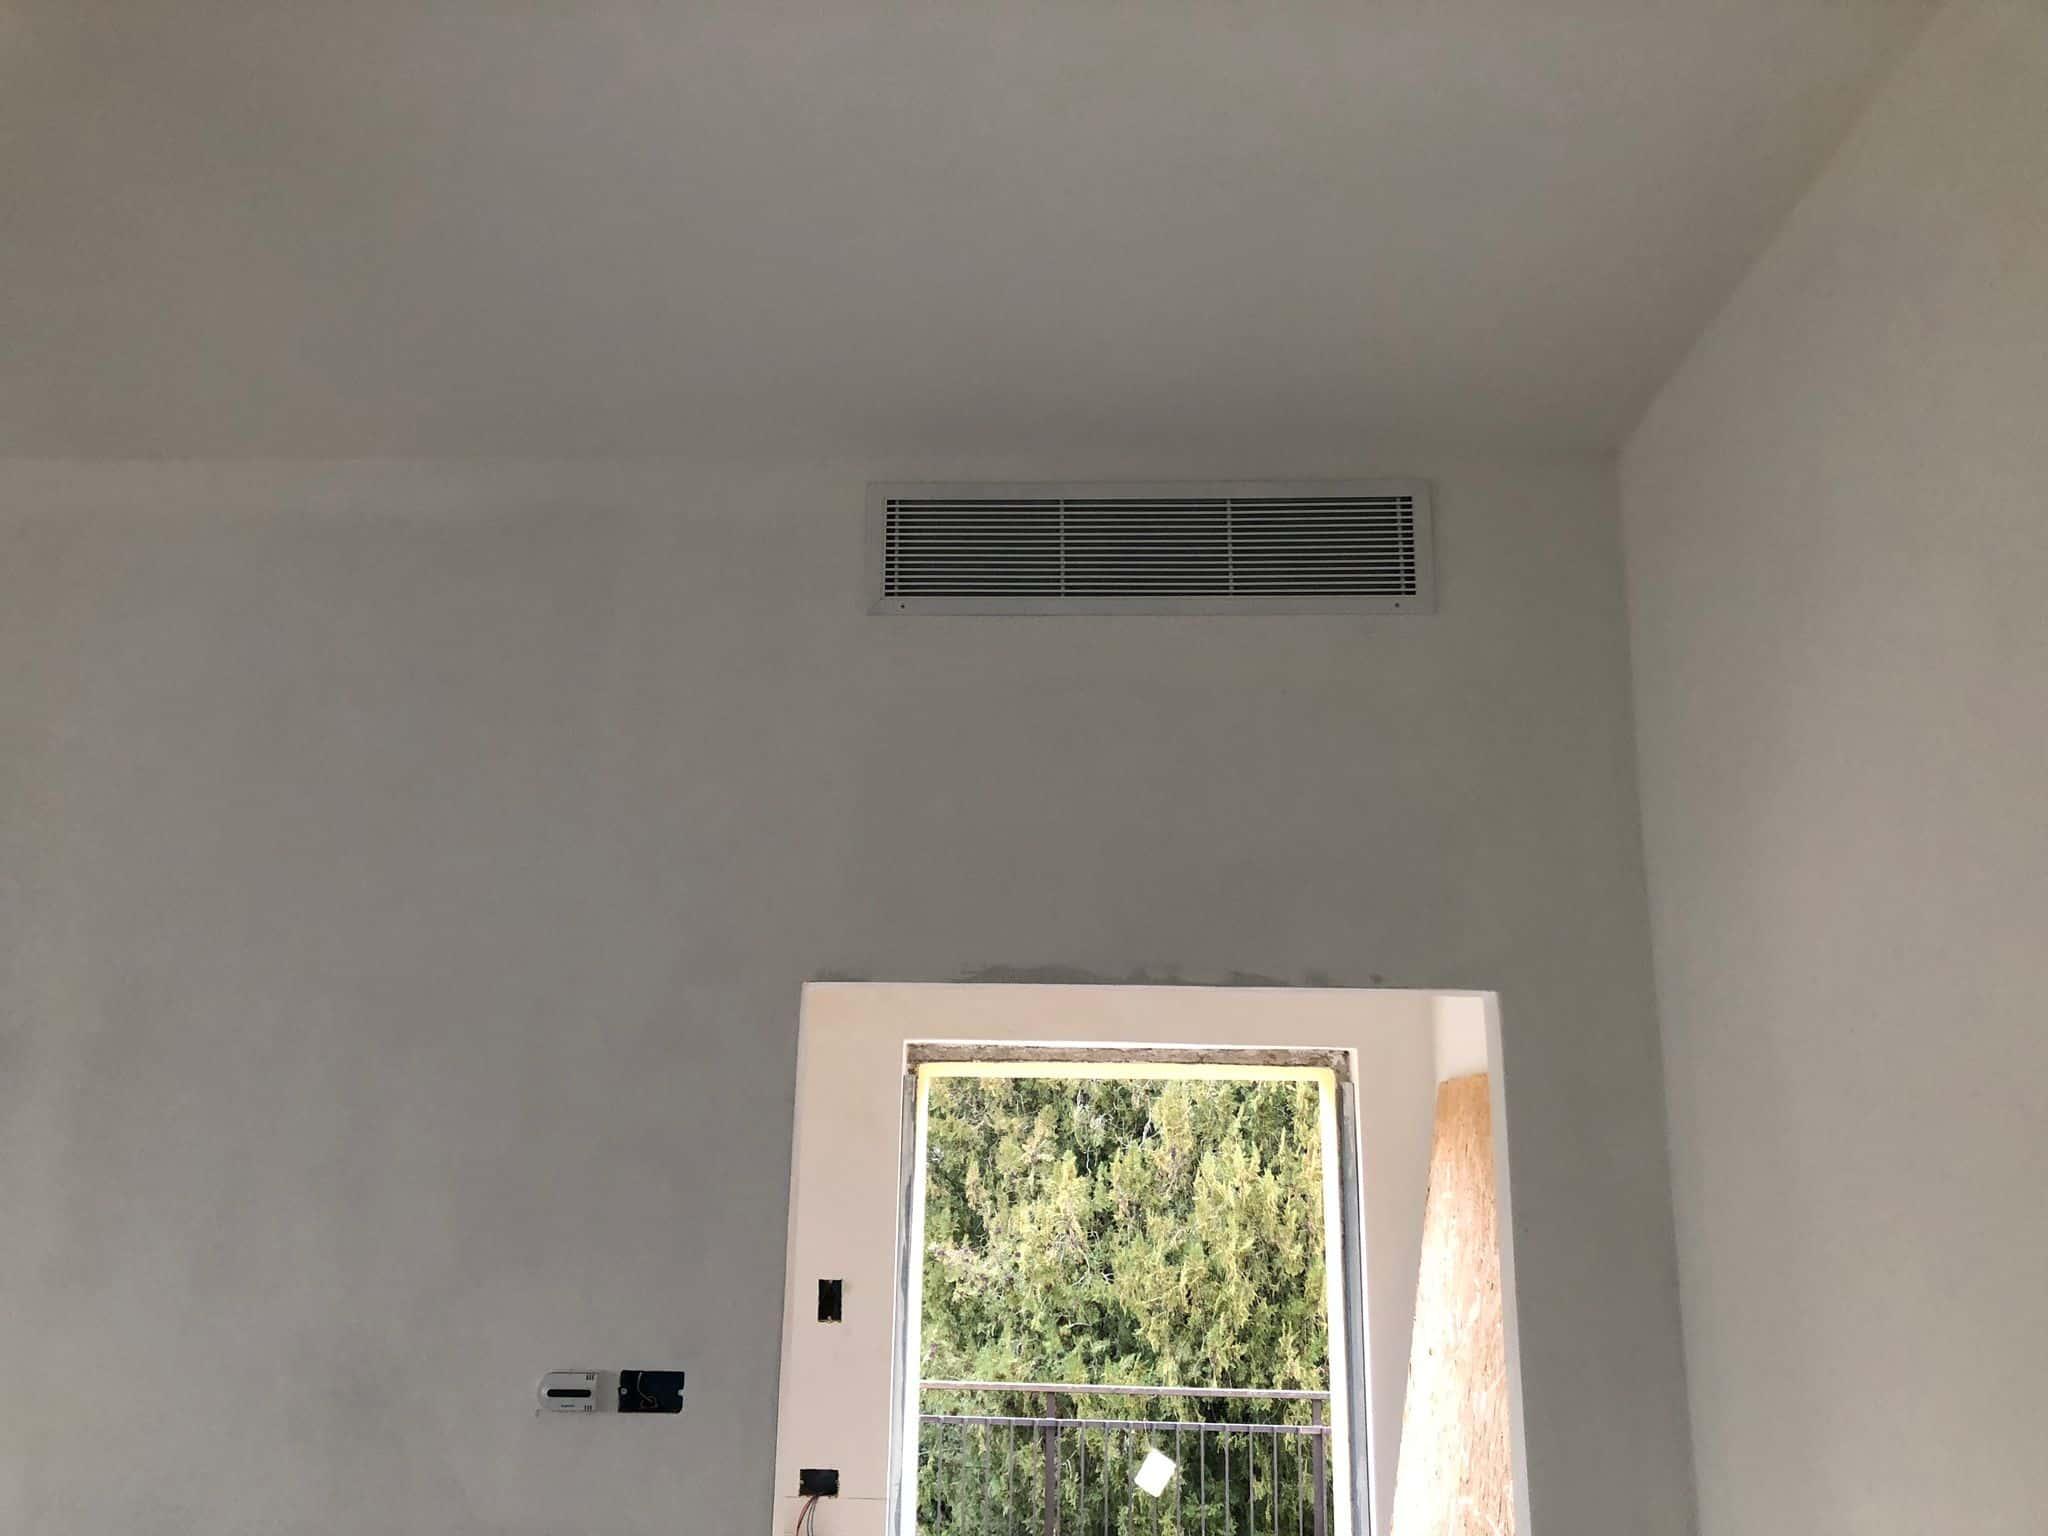 Installazione Impianto climatizzazione abitazione Verona 3B Service 4